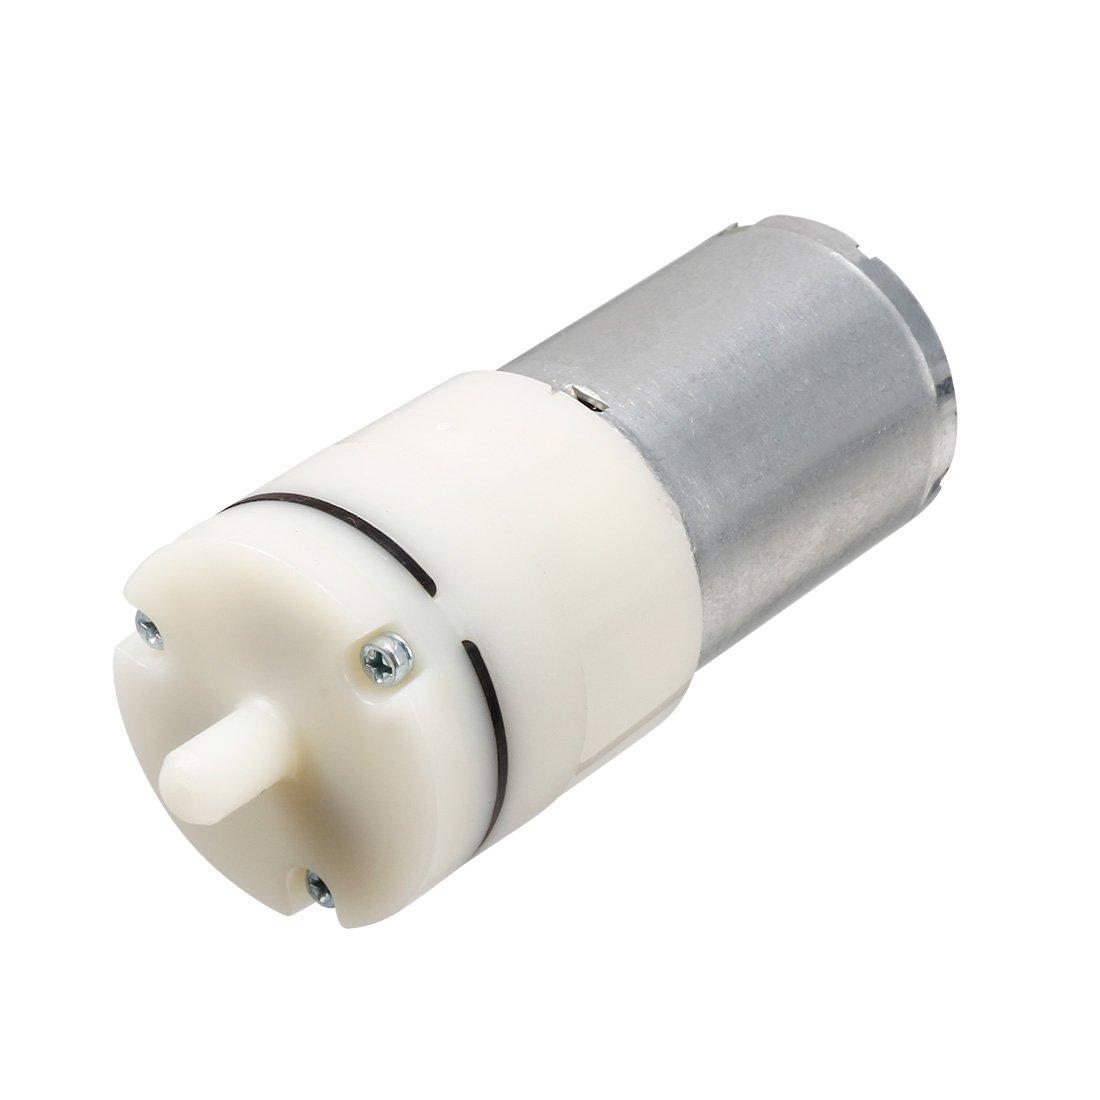 Sourcingmap - Motore della pompa mini aria di cc 6v acquario ossigeno circolare in metallo a14032100ux0296